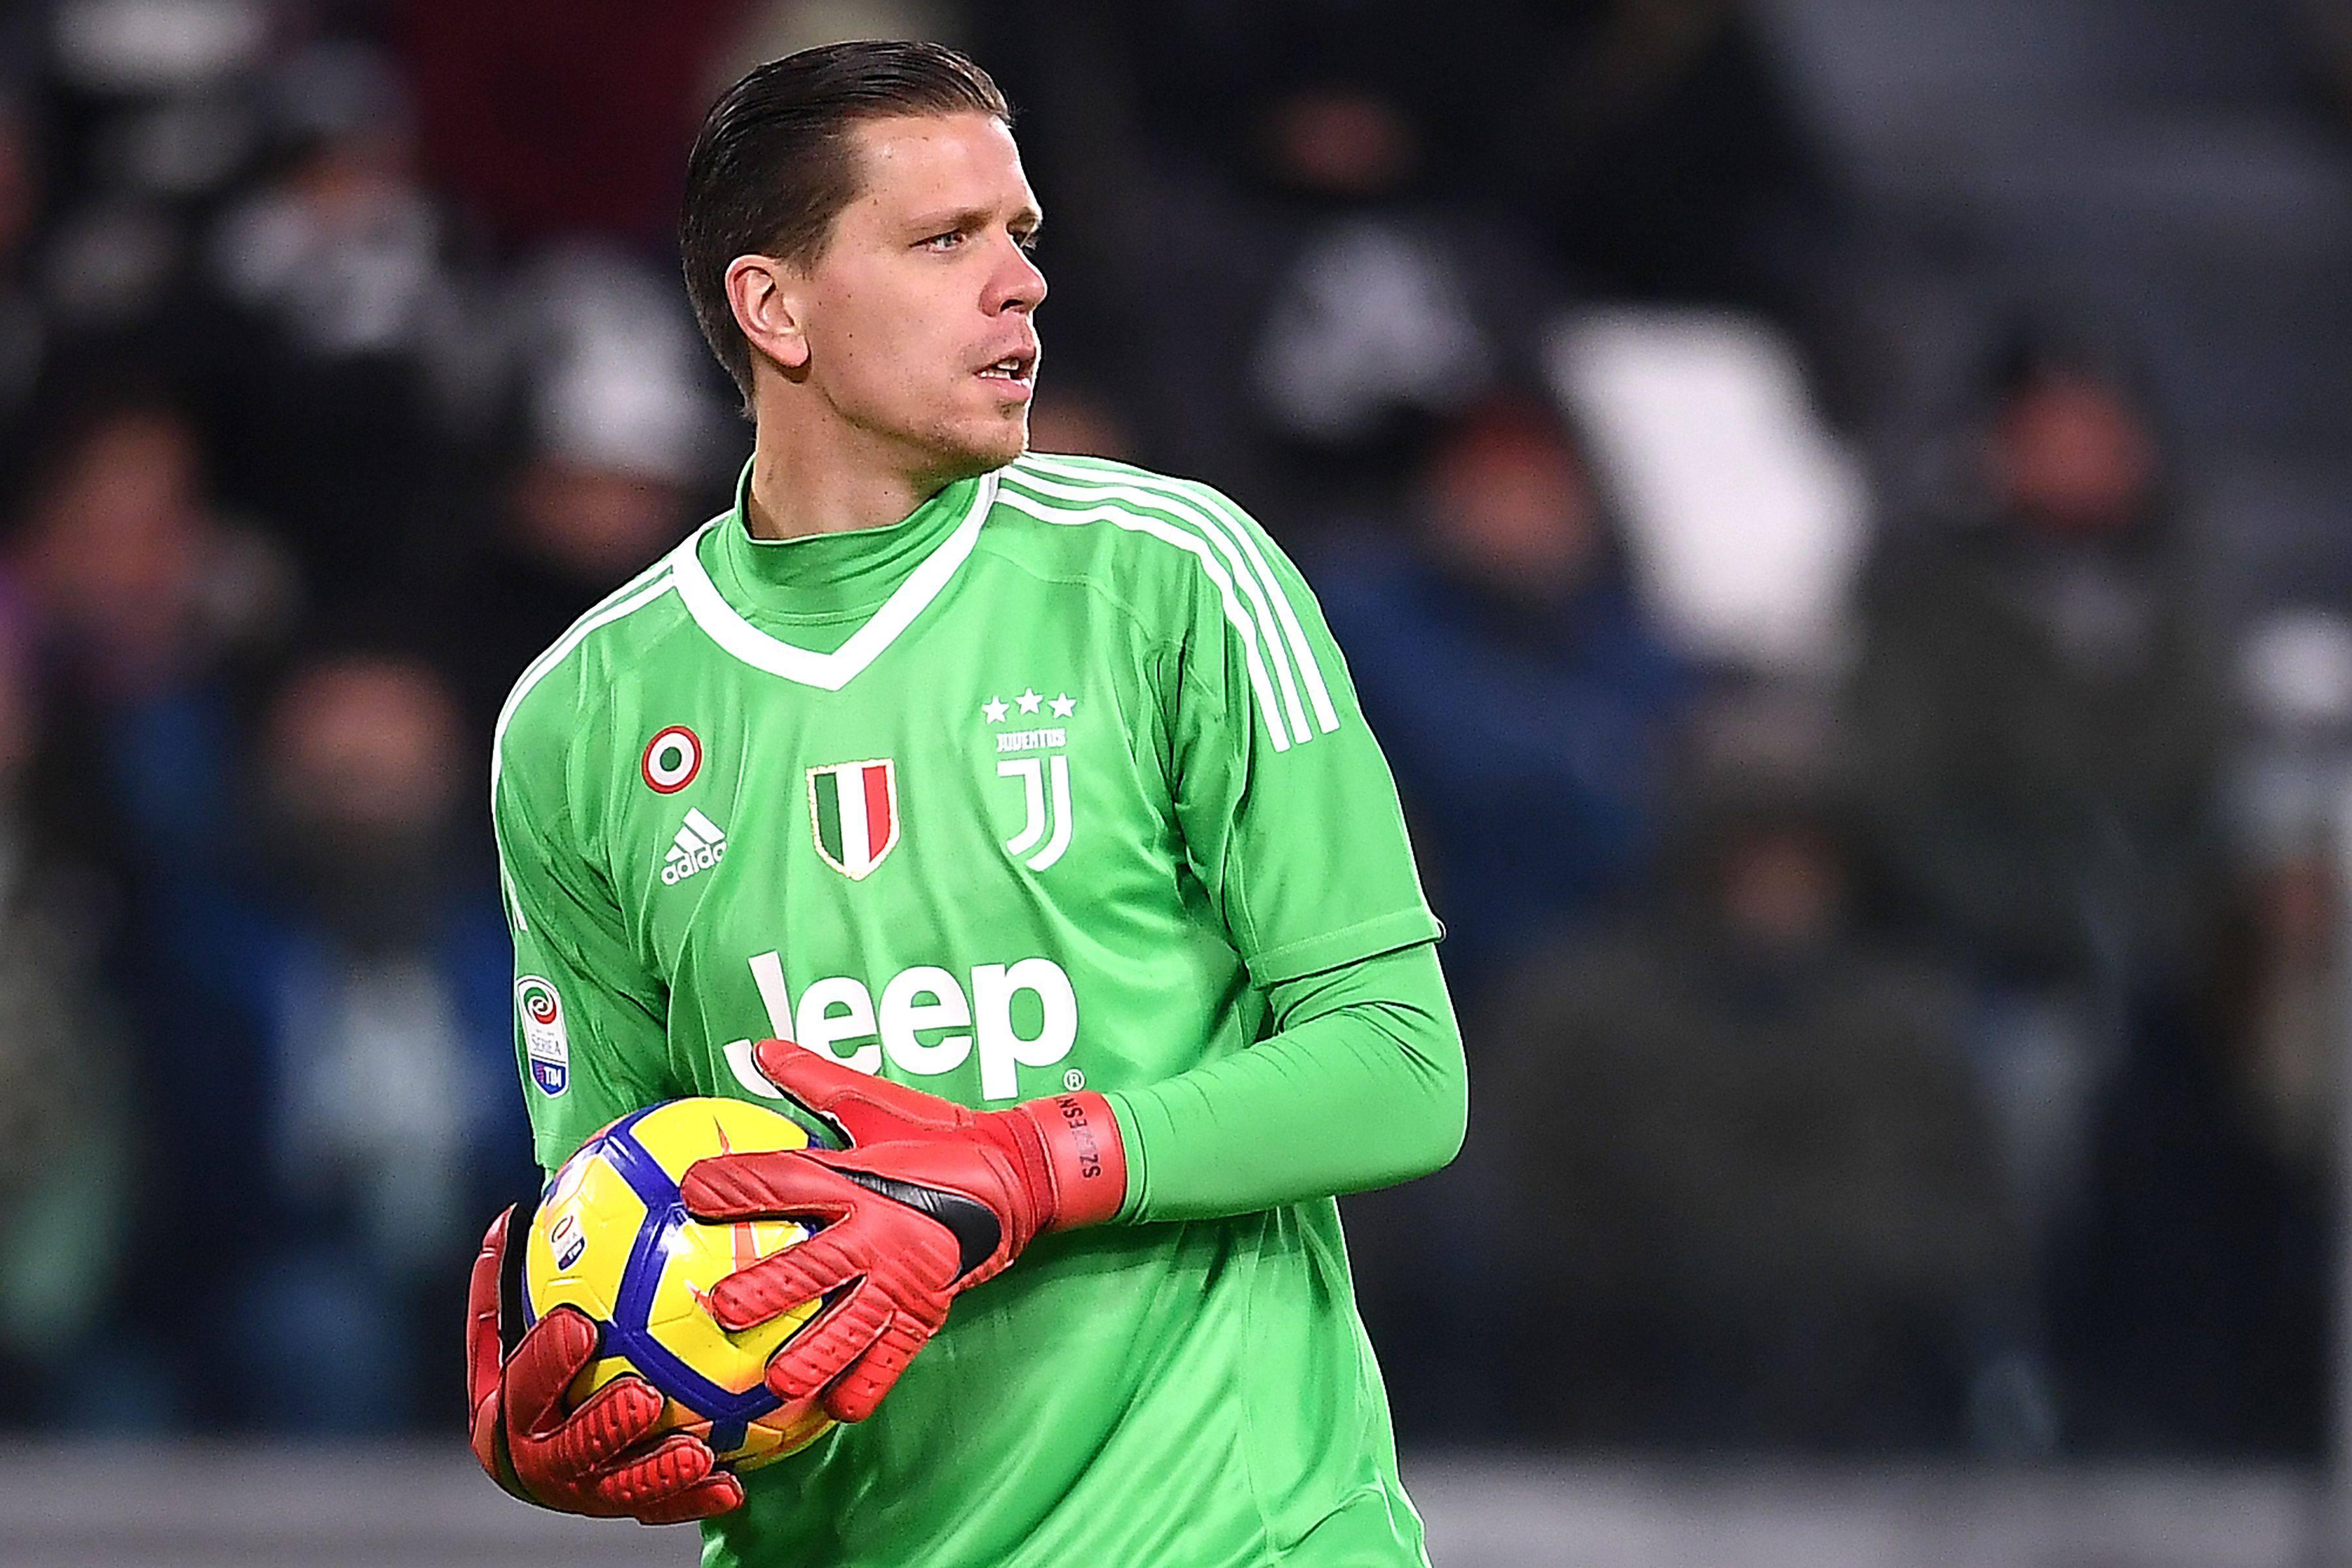 Serie A: Cagliari-Juventus, le formazioni ufficiali. Panchina per Mandzukic, c'è Bernardeschi